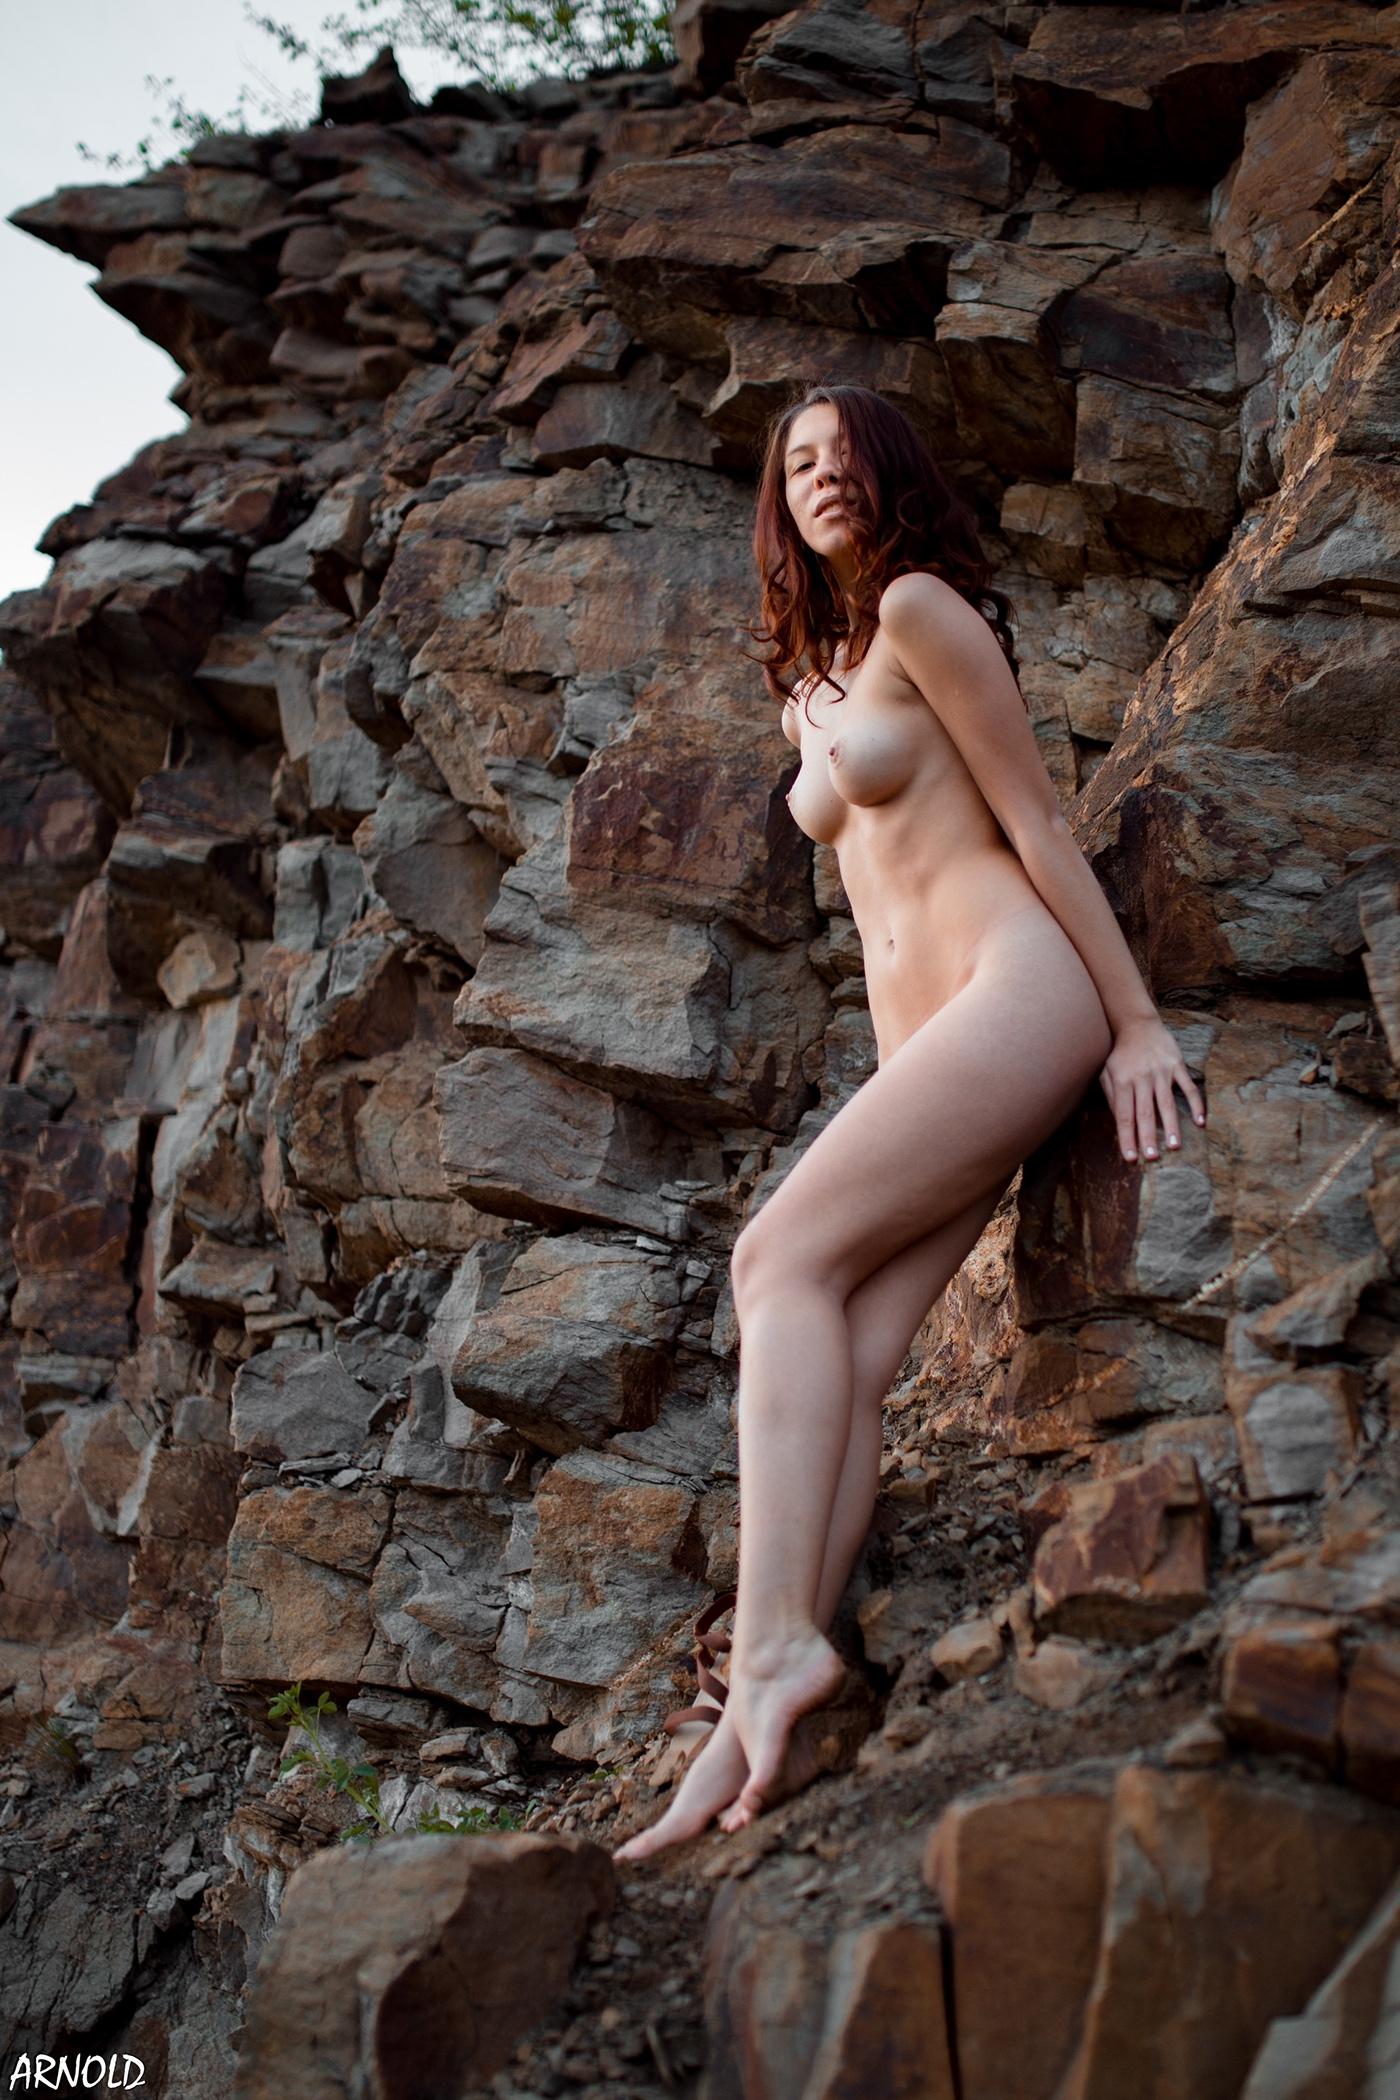 Девушка на природе / фото Arnold